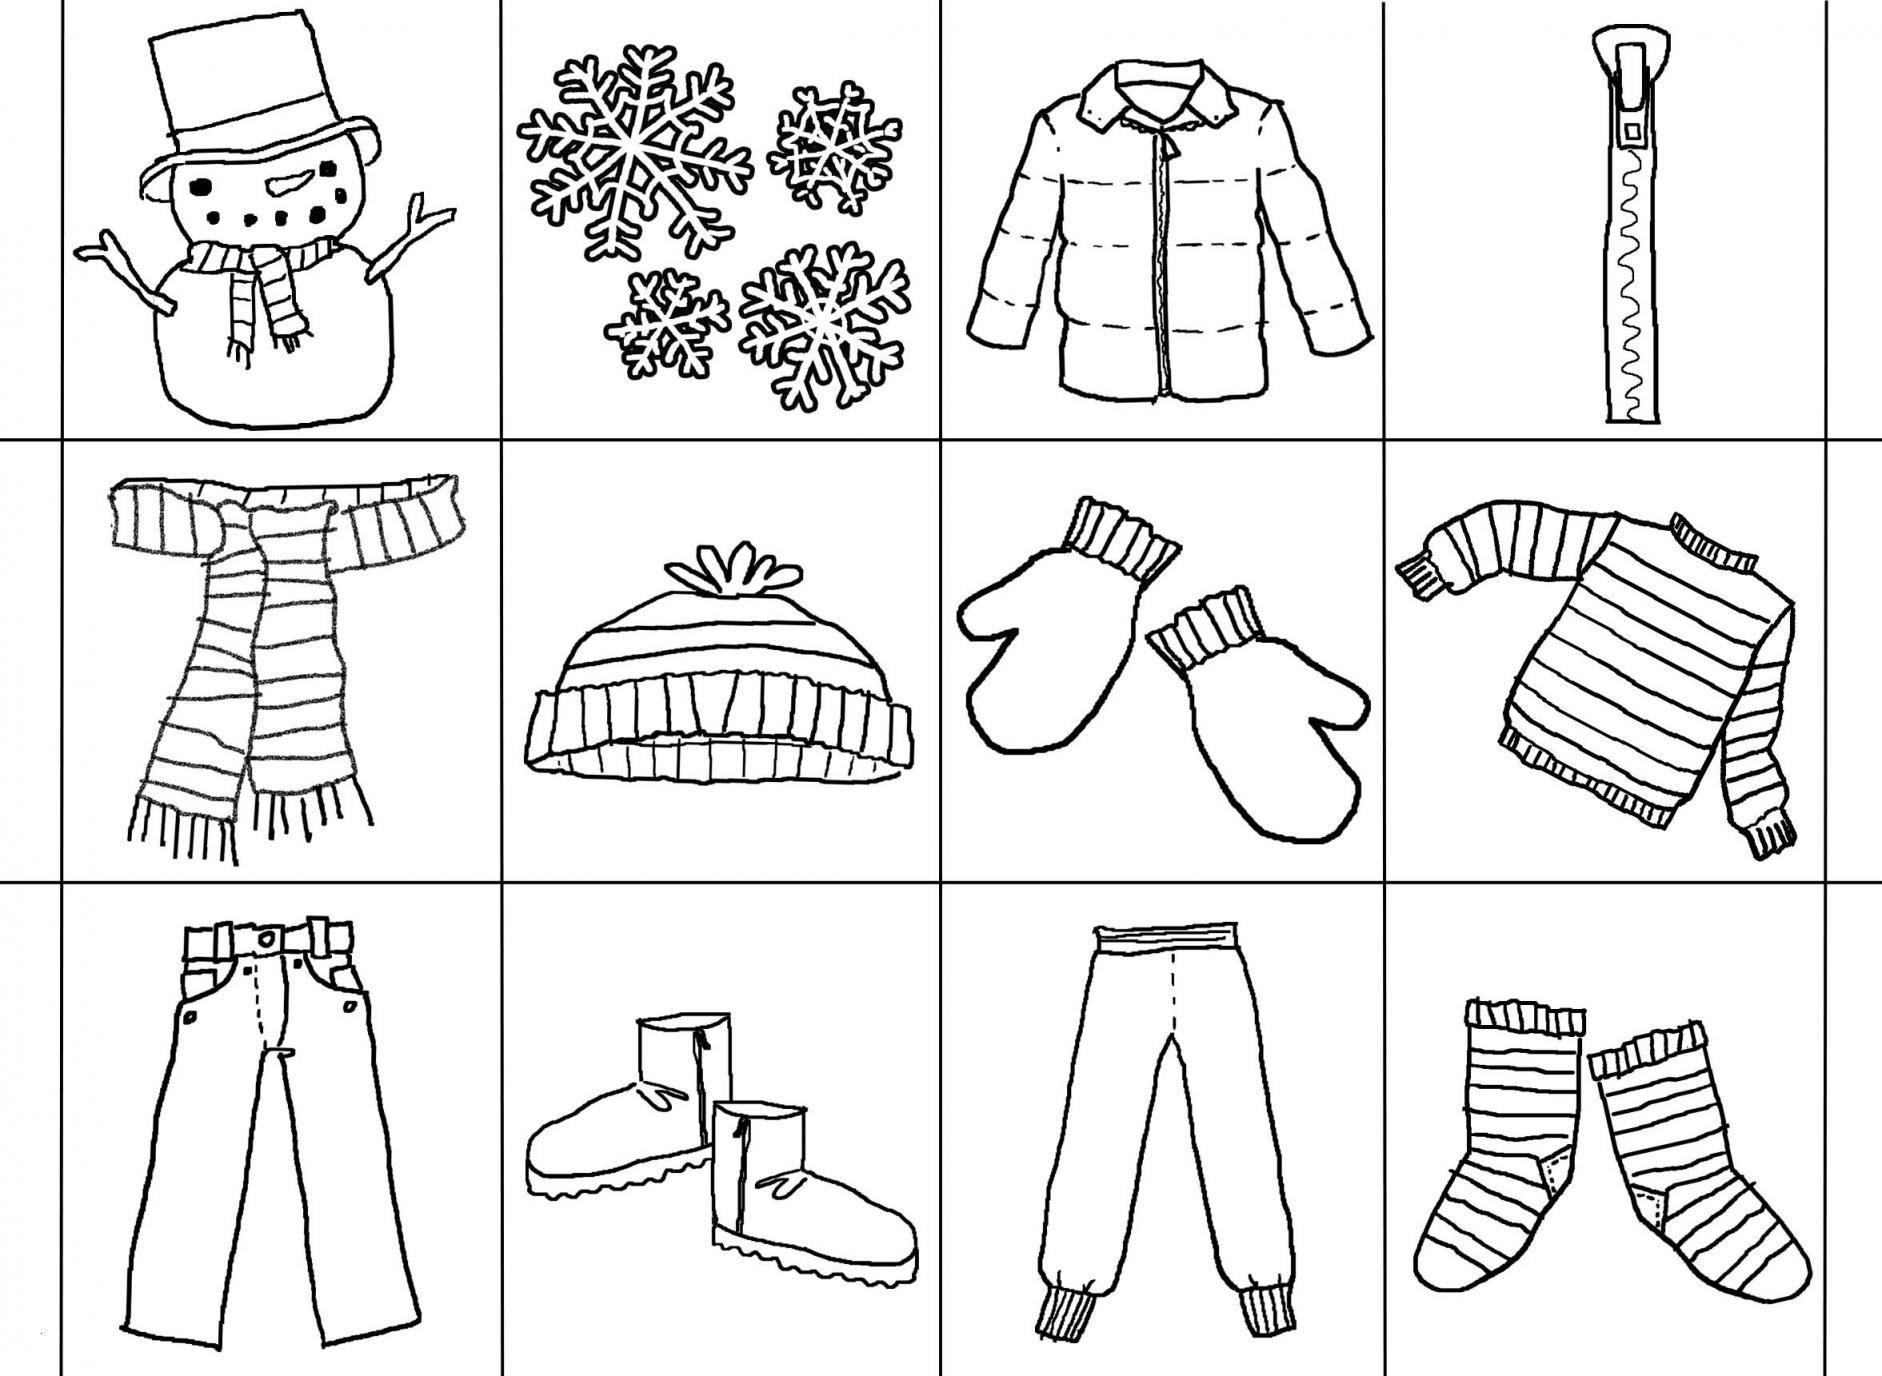 Ostereier Ausmalbilder Zum Ausdrucken Inspirierend 32 Ostern Ausmalbilder Ausdrucken Scoredatscore Frisch Einfache Sammlung